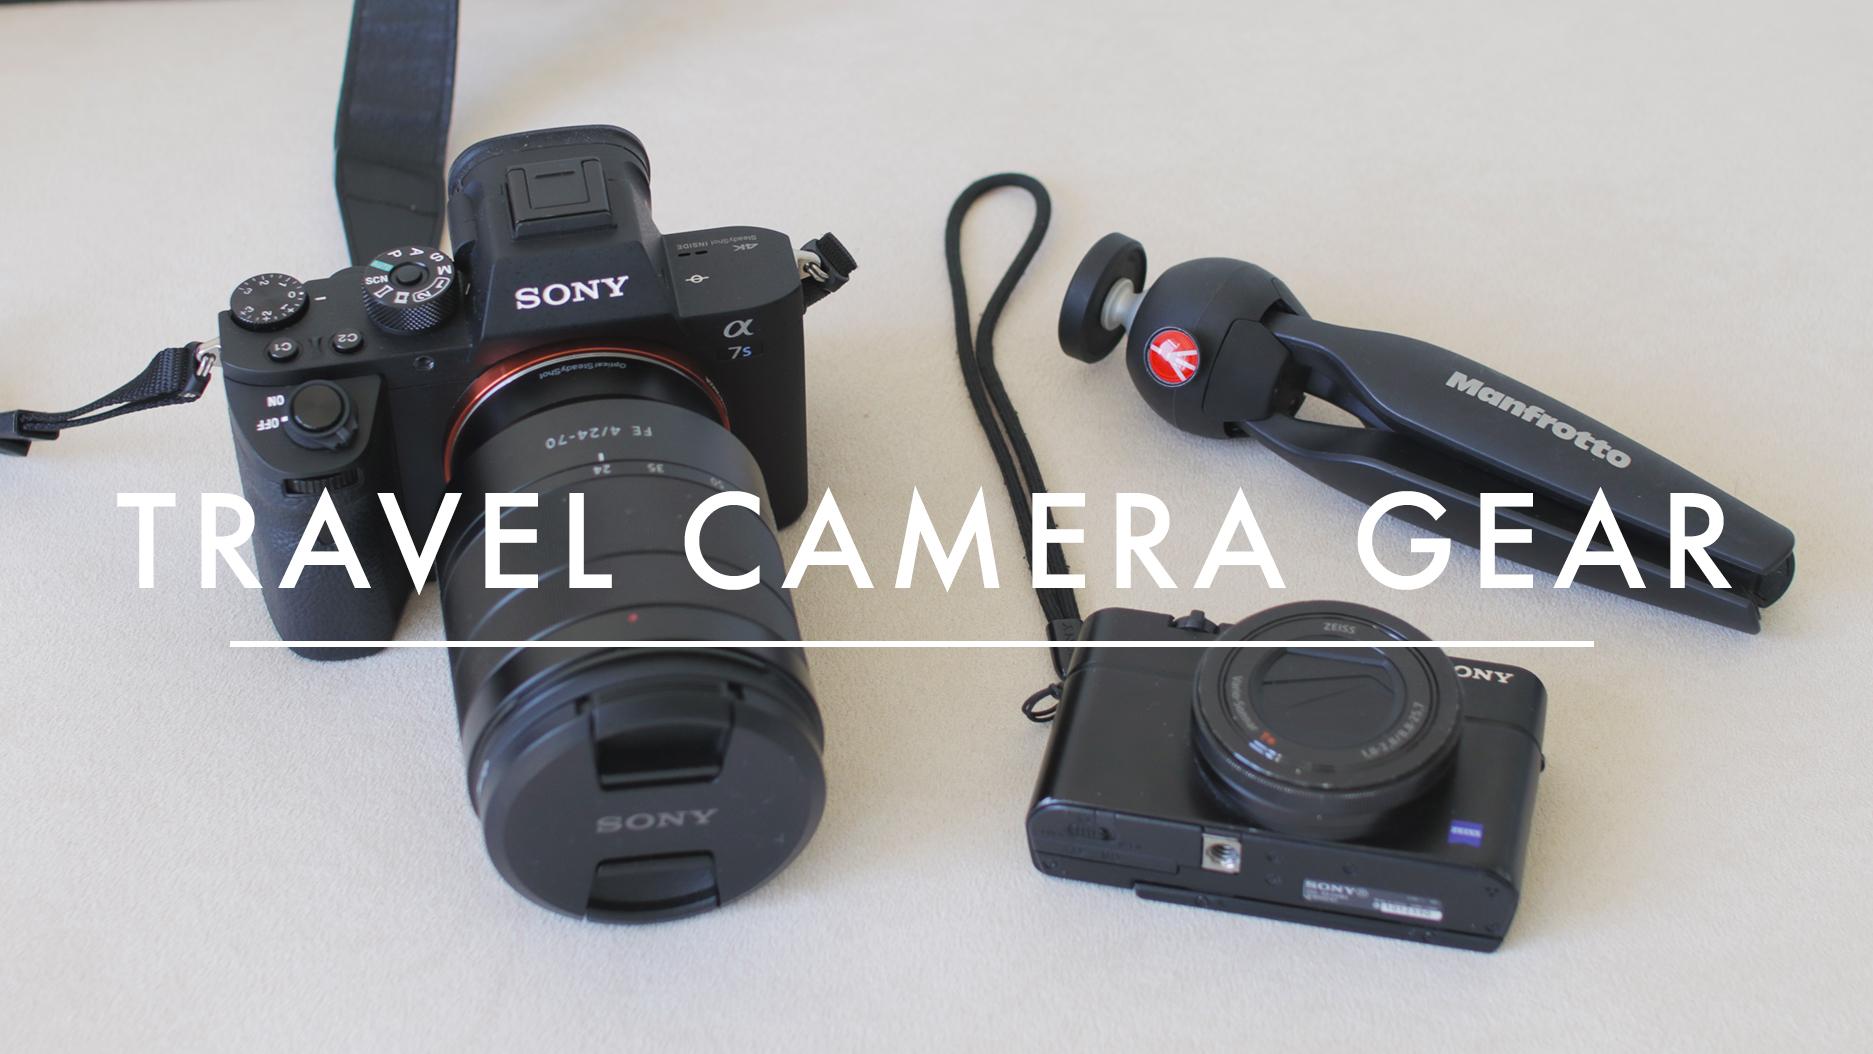 camera gear for travel vlogging instagram lavendaire